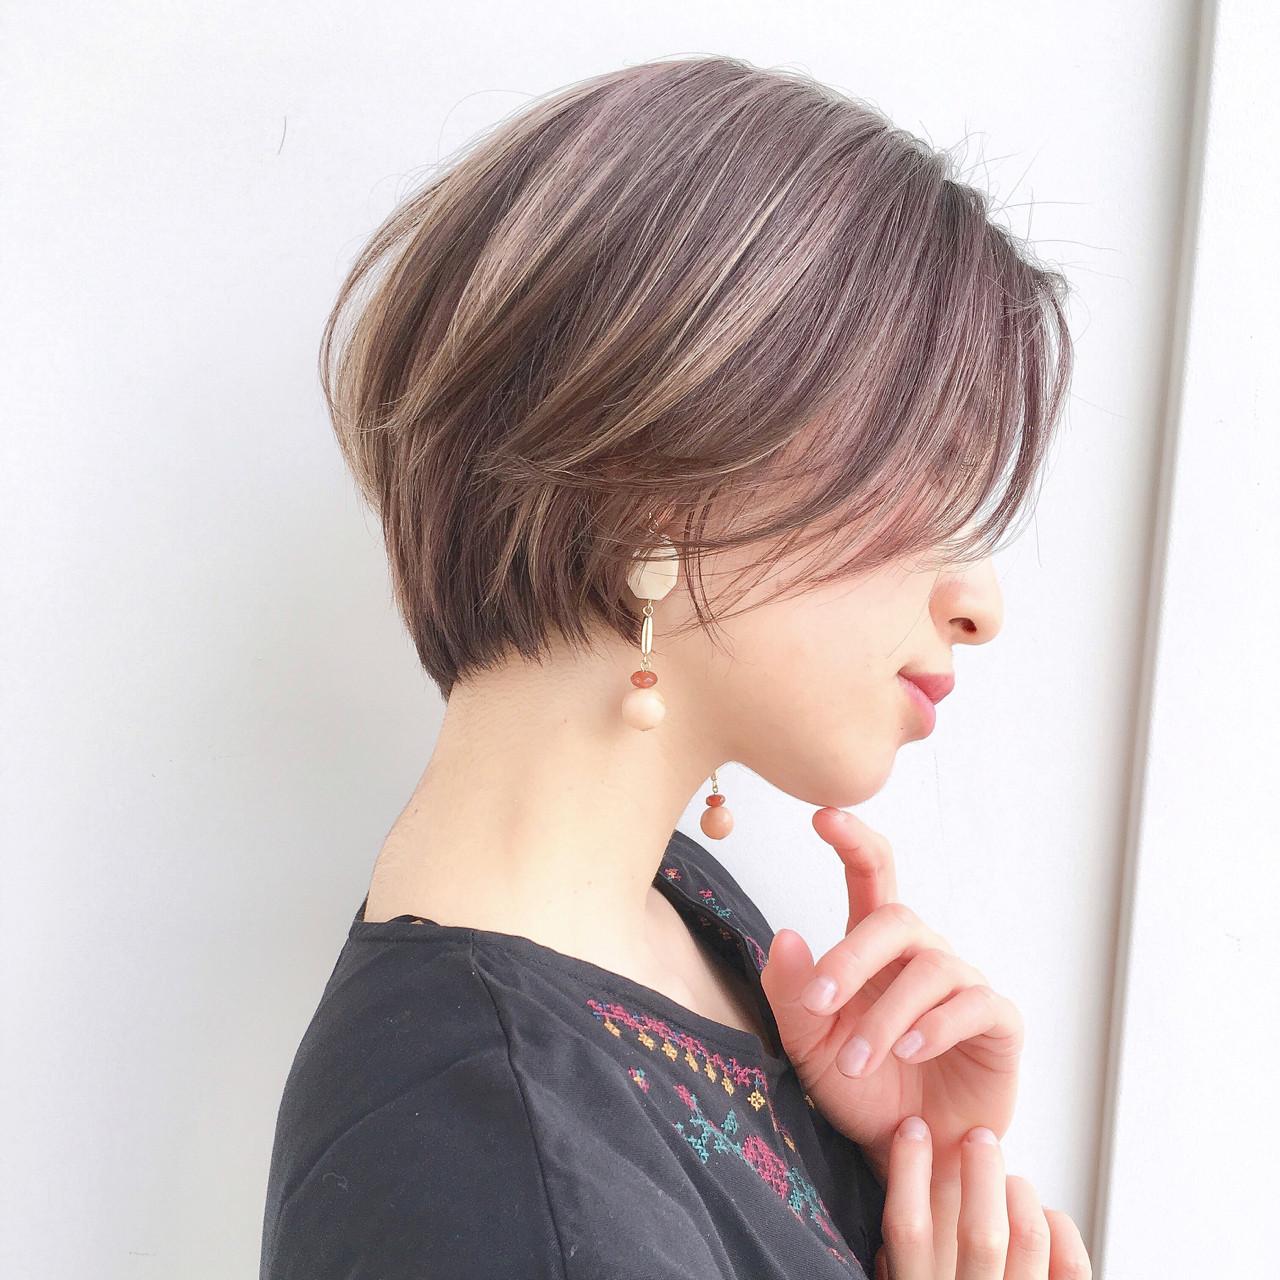 【綺麗な形】✨【フォルム】周りに褒められるヘアが理想です☺︎✂︎? ・ 小顔 似合わせ ショートグラデーションボブがおススメです☺️ ・ ・ ご覧頂きありがとうございます? Ramie omotesando でスタイリストをやらせていただいてます山内大成です!✨ (表参道駅から徒歩10秒?です!) ・ hair.make(@ramie_tonsoku) ヘアだけでなくメイクアップもしているからこそトータルビューティーの目線でスタイルを作ります?☺️ ・ ******************* ・ 収まりが良く、簡単にスタイリングできる、乾かしただけでふわっとかわいい質感、束感が自然にできるヘアスタイル☺︎✂︎ 一人一人に似合ったスタイルを提案できますように丁寧にカウンセリング、施術、仕上げをさせていただきます✨ ・ 今まで叶わなかったヘアスタイルを提案、実現できるように全力で頑張ります(^-^)/ ・ ******************* ・ ・ ・ *毛量が多い *癖で広がる *収まりが悪い *小顔になりたい *美容院に迷ってる *スタイリングが難しい バッサリカットも気軽にご予約ご相談ください❣️ ・ 【インスタフォローしてご提示ください☆☆☆】 ・ ・ ・ ○○○ ご予約方法 ○○○ ネットでのご予約が大変取りづらくなっております‼️ 【 × 】しかない場合はお電話(☎️0357754300) インスタからダイレクトメール?も可能です! ○○○○○○○○○○○○ ・ ・ ・ GARDEN Ramie omotesando  東京都港区南青山3-18-11 ヴァンセットビル4F tel. 03-5775-4300 http://ramie-hair.jp/ 火・水 11:00 ~ 20:30木・金 11:30 ~ 21:00 土・日 10:00 ~ 19:00 祝 日 10:00 ~ 19:00 月曜日 定休 ・ ・ ・ #iPhone美容師#ショートボブの匠#ミディアム も得意 好きなのは #ロング#GARDEN#Ramie#サイドシルエット#愛され#小顔#mery#TOKYO#メイク#カット#ピンク#撮影#tonsoku#ar#アール#ブルージュ#ボブ#前下がり #ショート#ショートヘア#ショートボブ#メイク#gu#snidel #코디#เสื้อผ้าแฟชั่น#時尚#インスタ映え